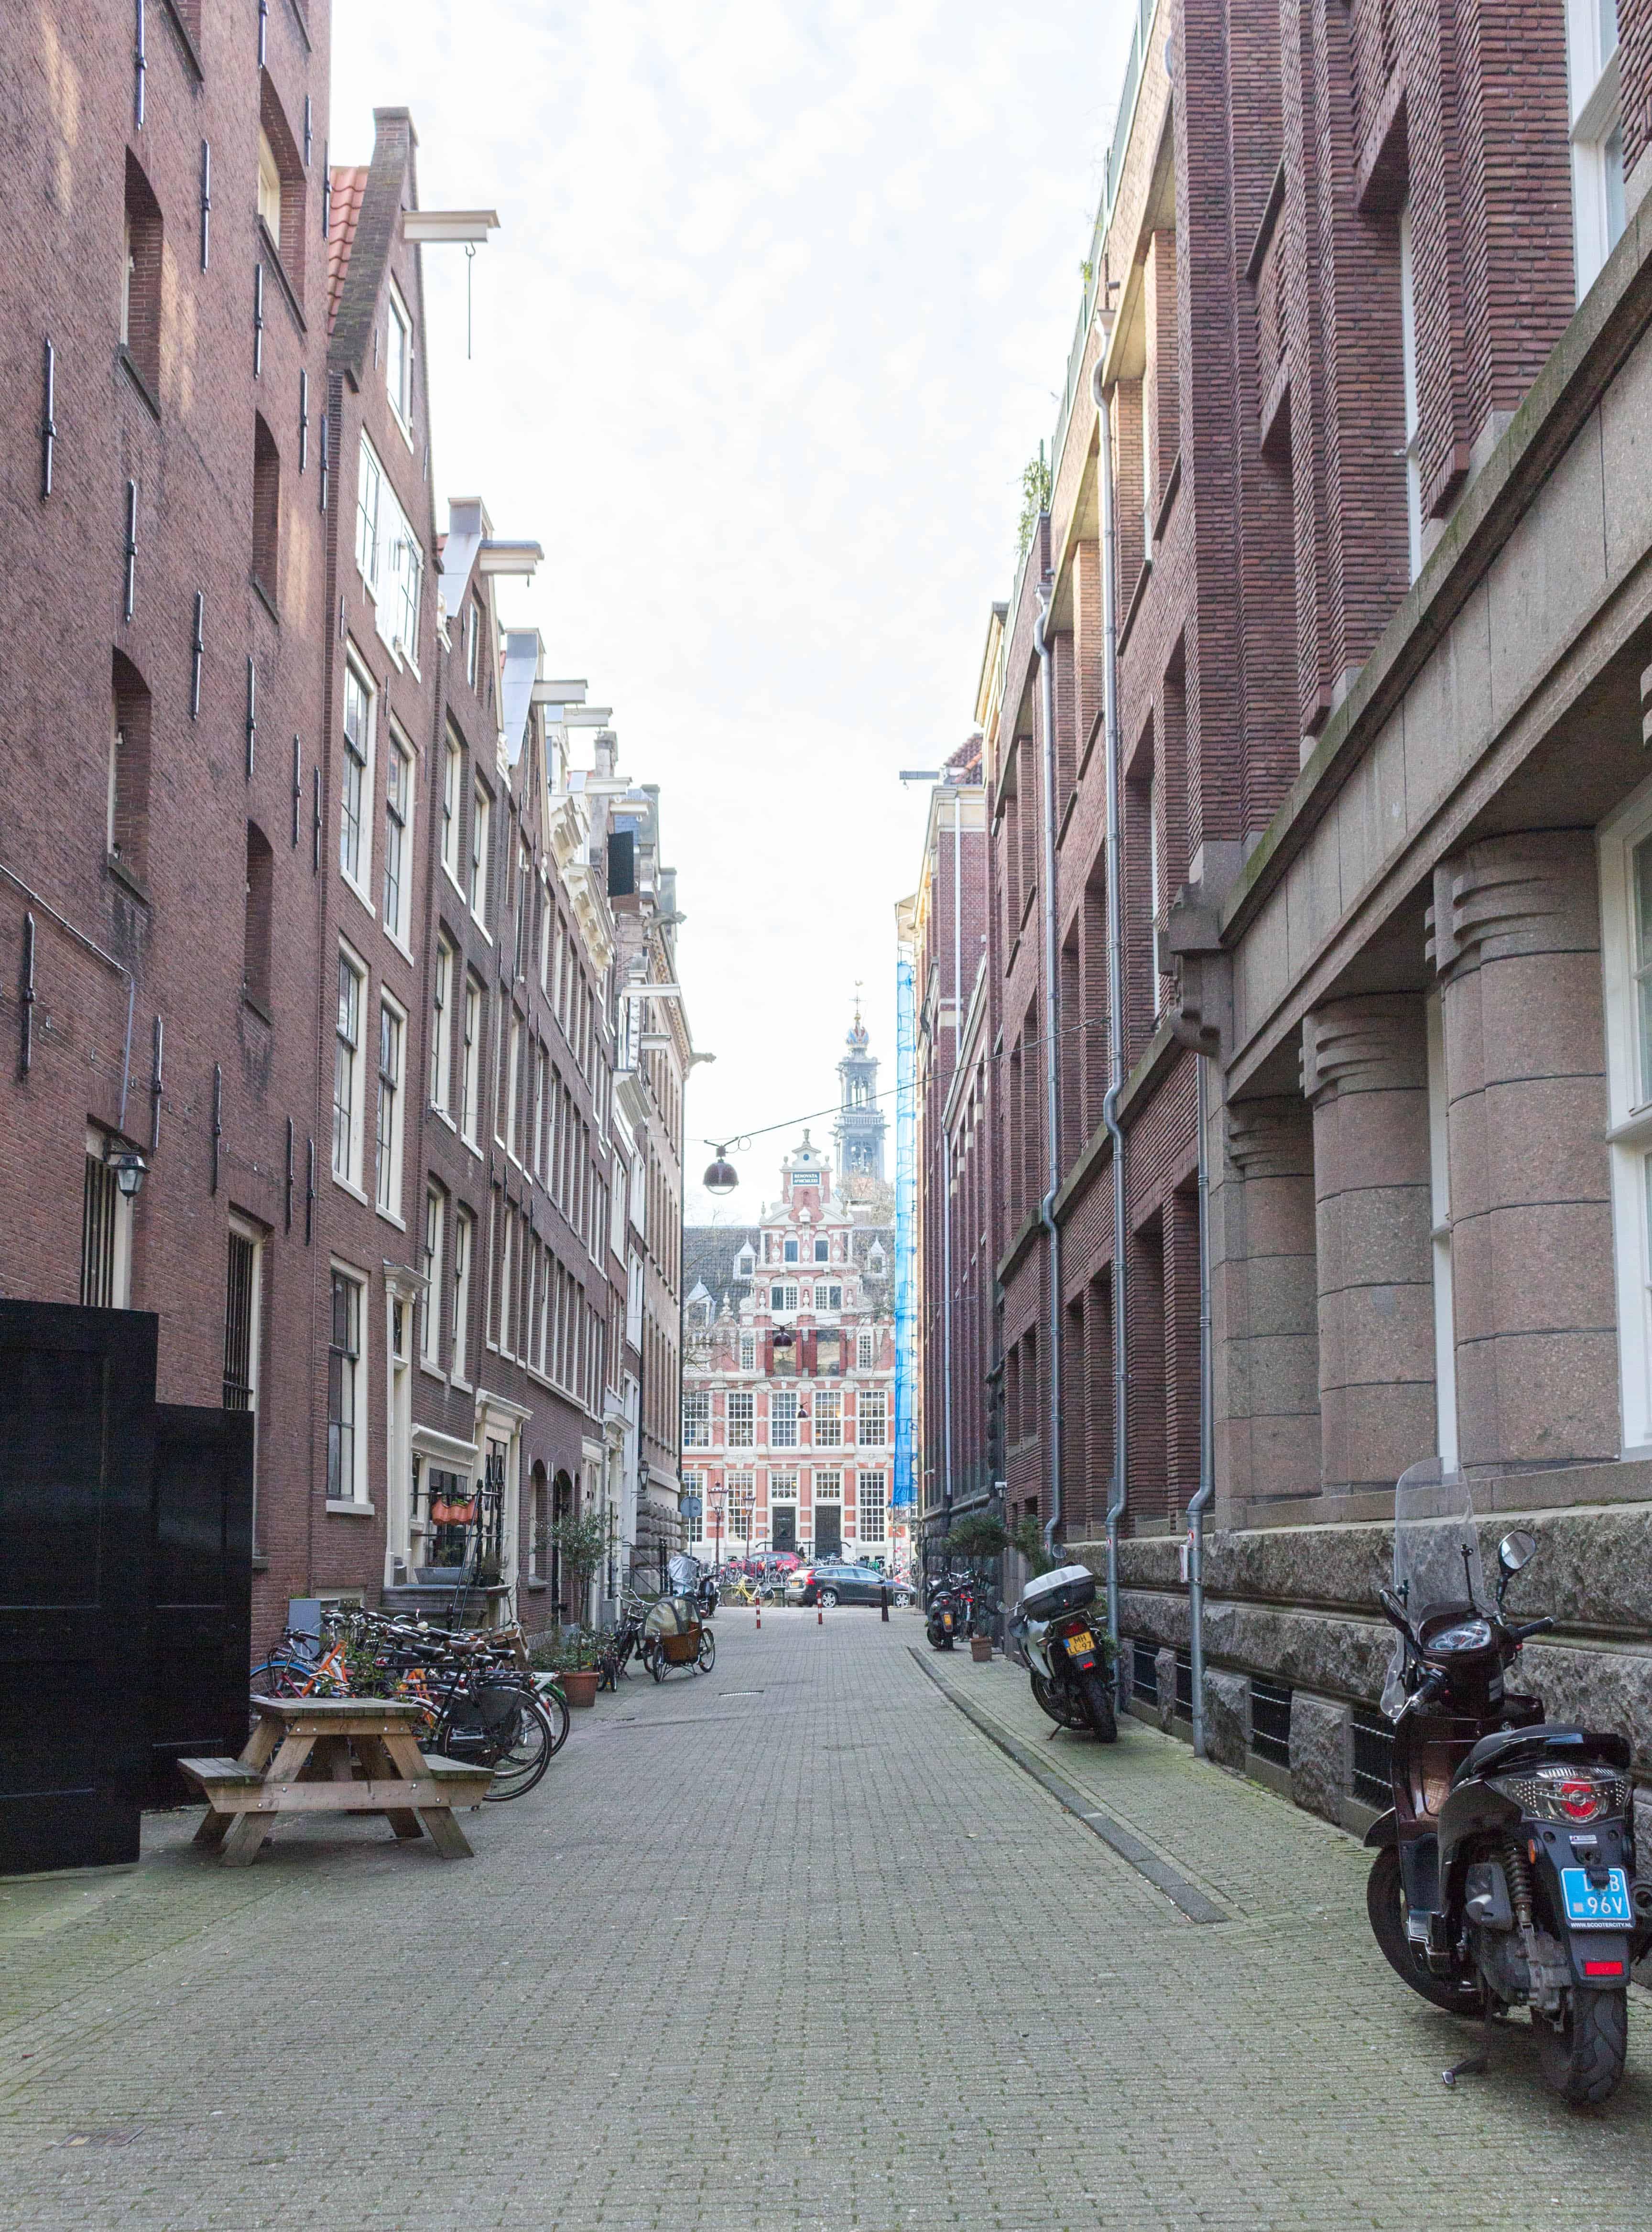 amsterdam alleyways